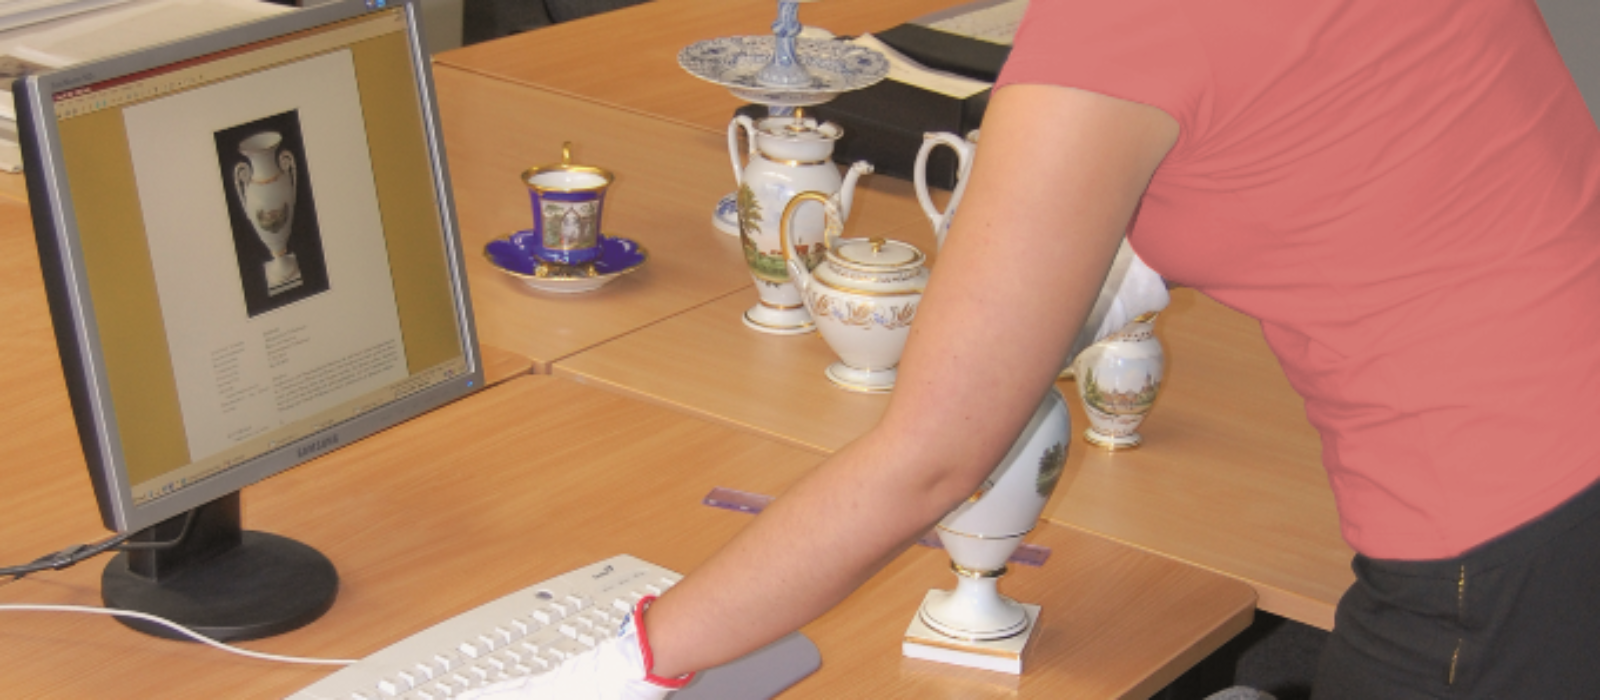 Eine Frau bei der Eingabe von Objektdaten in eine Museumsdatenbank